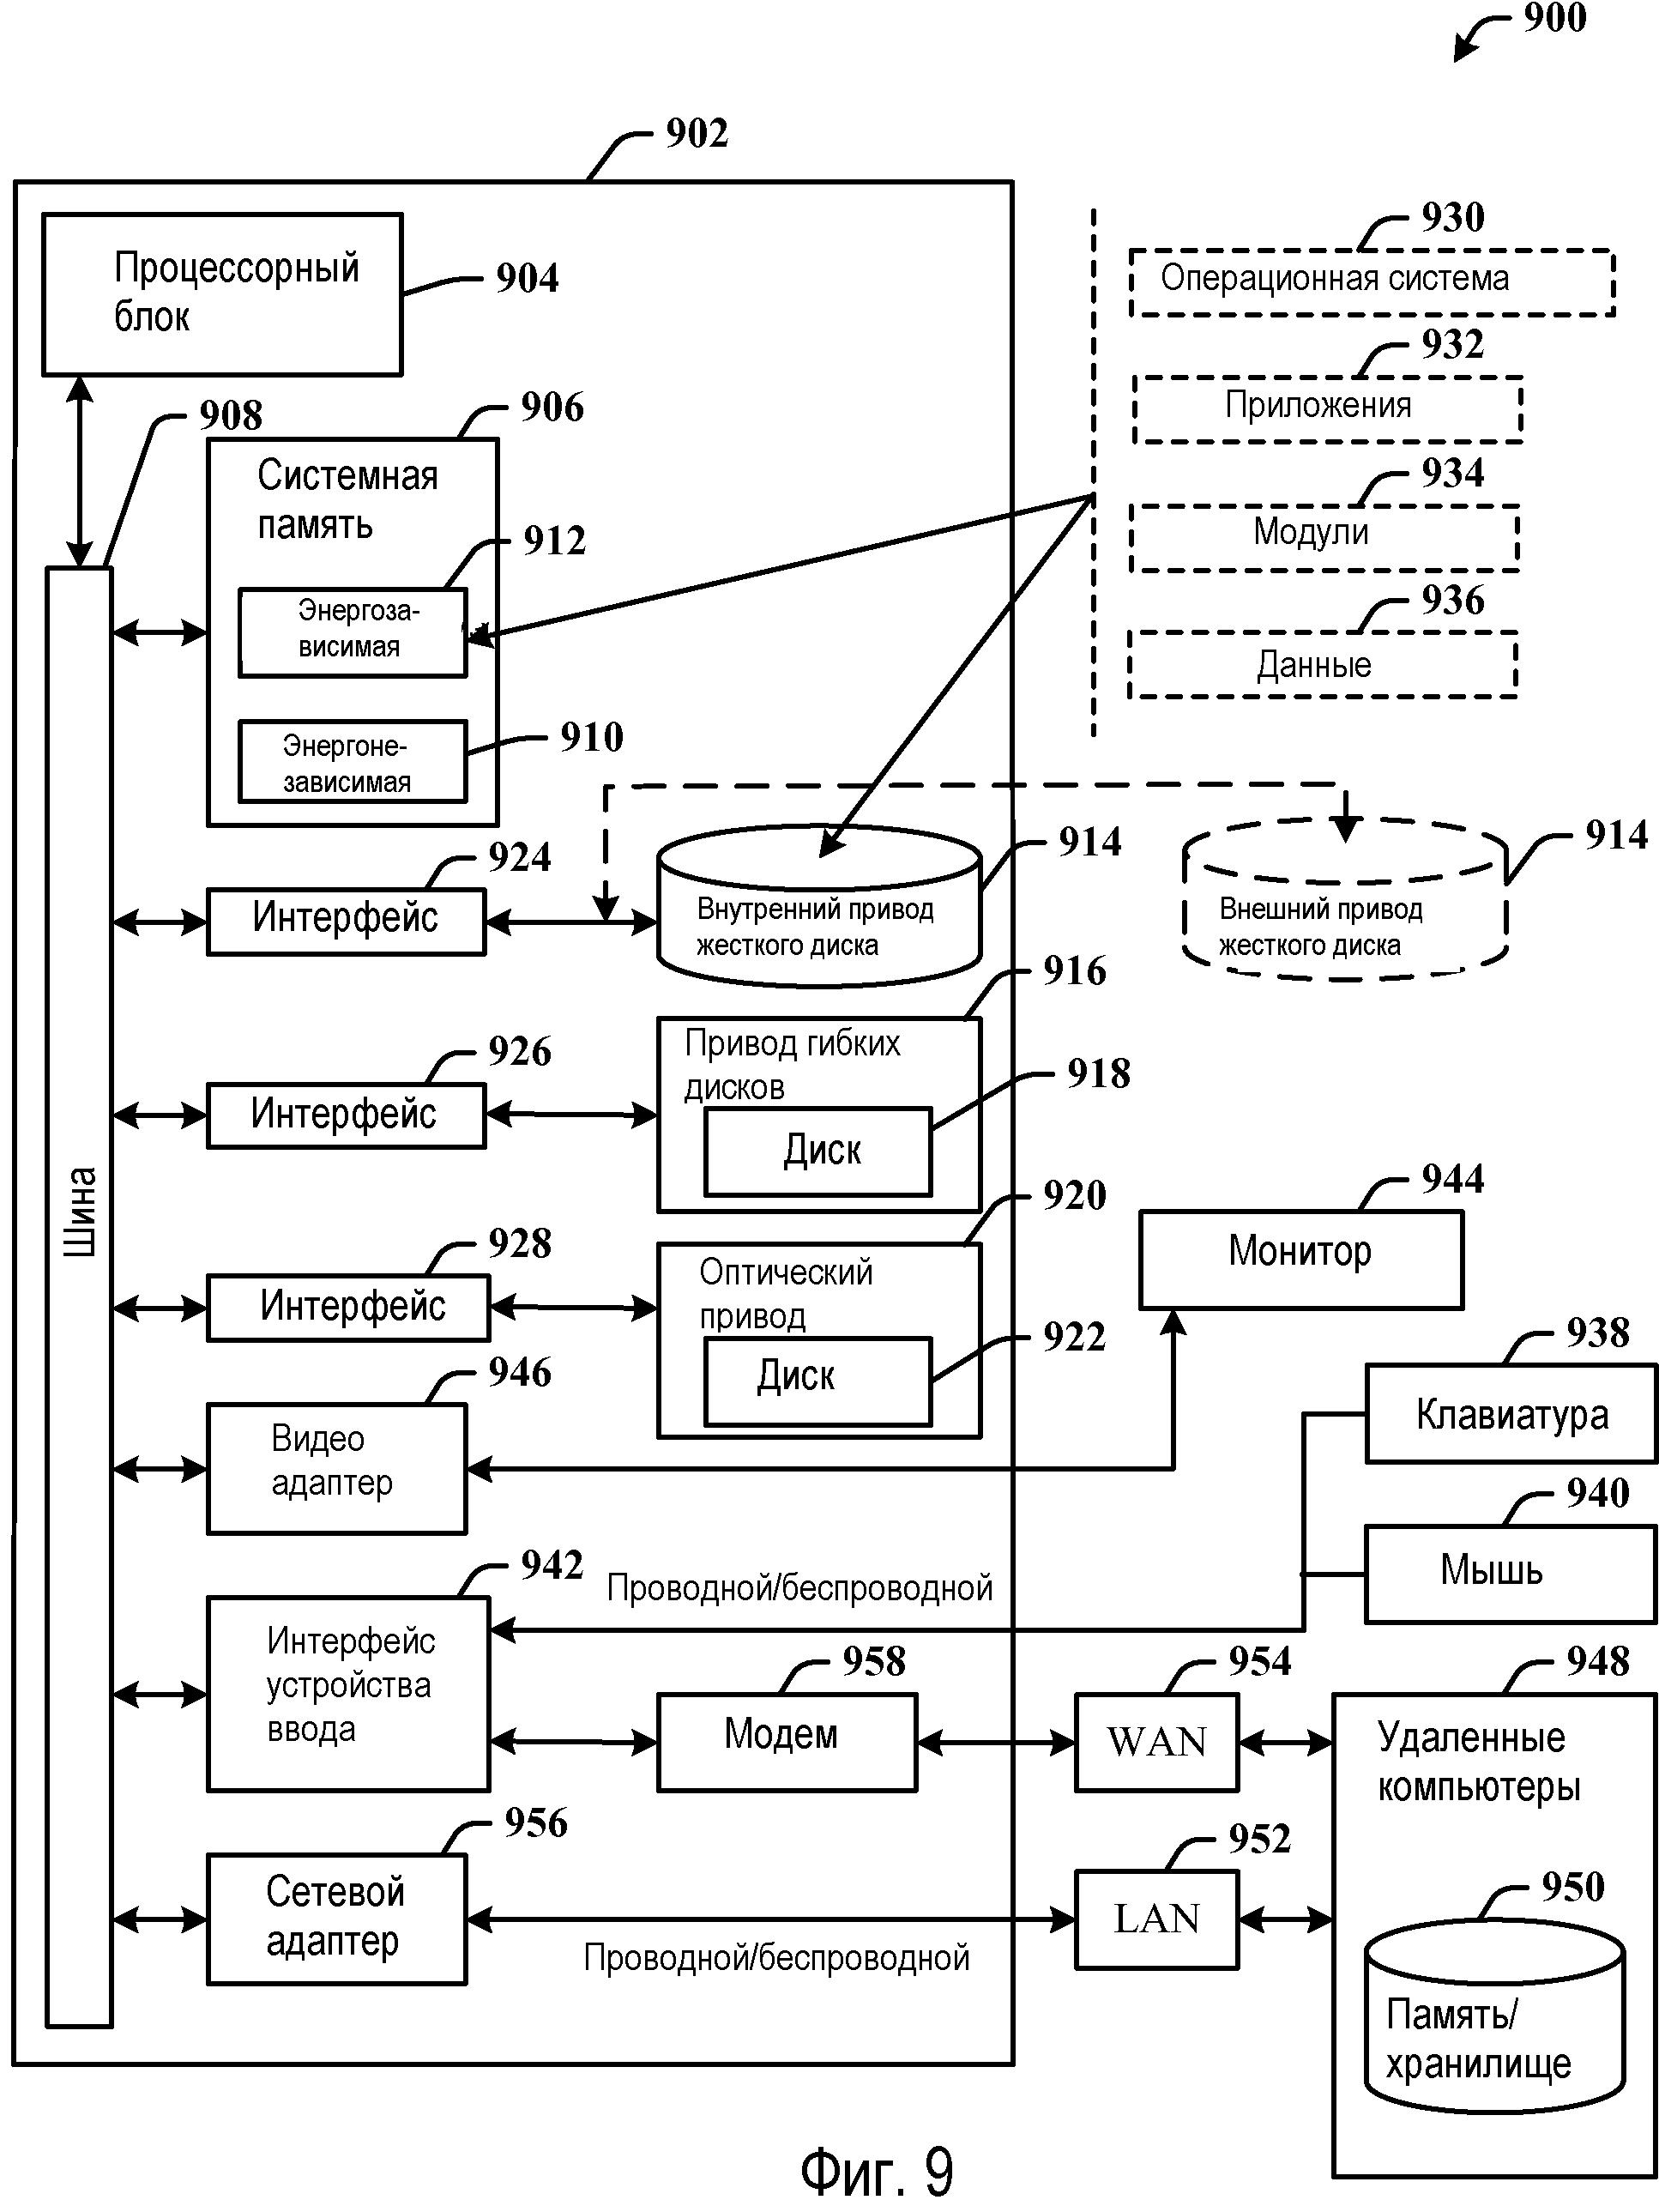 Представление безопасности на основе ячеек для доступа к данным